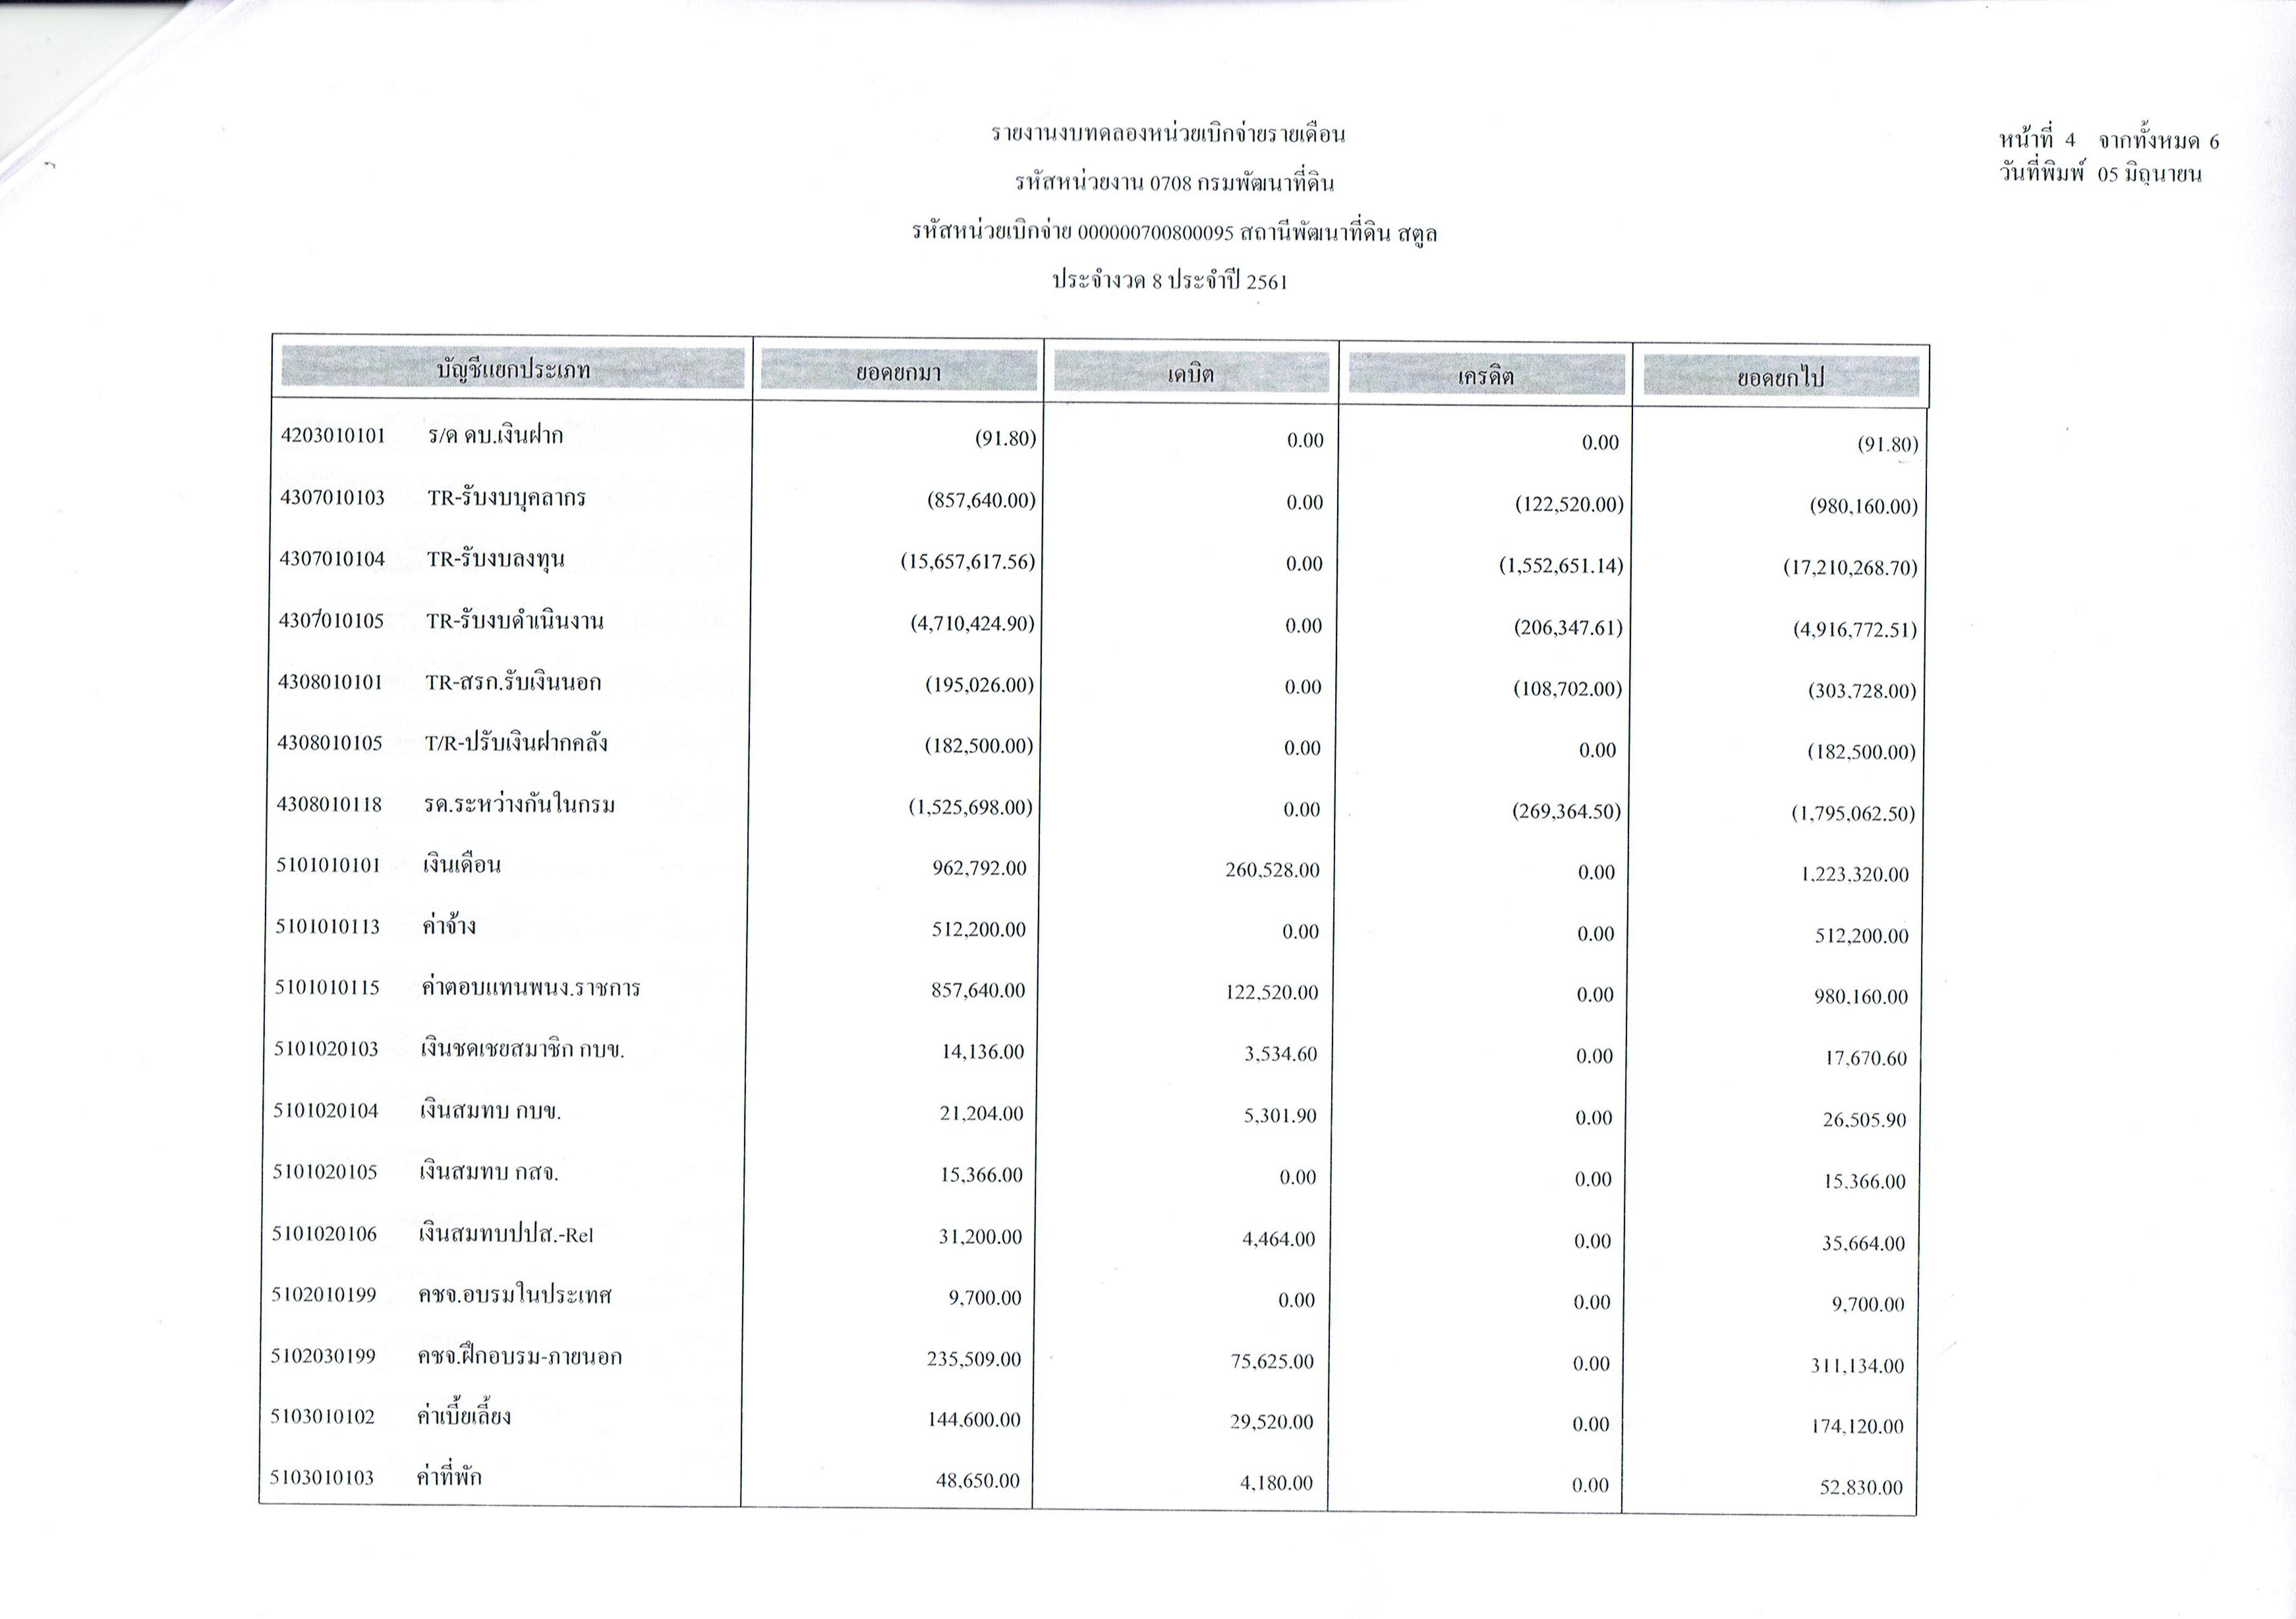 รายงานงบทดลองหน่วยเบิกจ่ายรายเดือนพฤษภาคม ประจำงวด 8 ประจำปี 2561_4